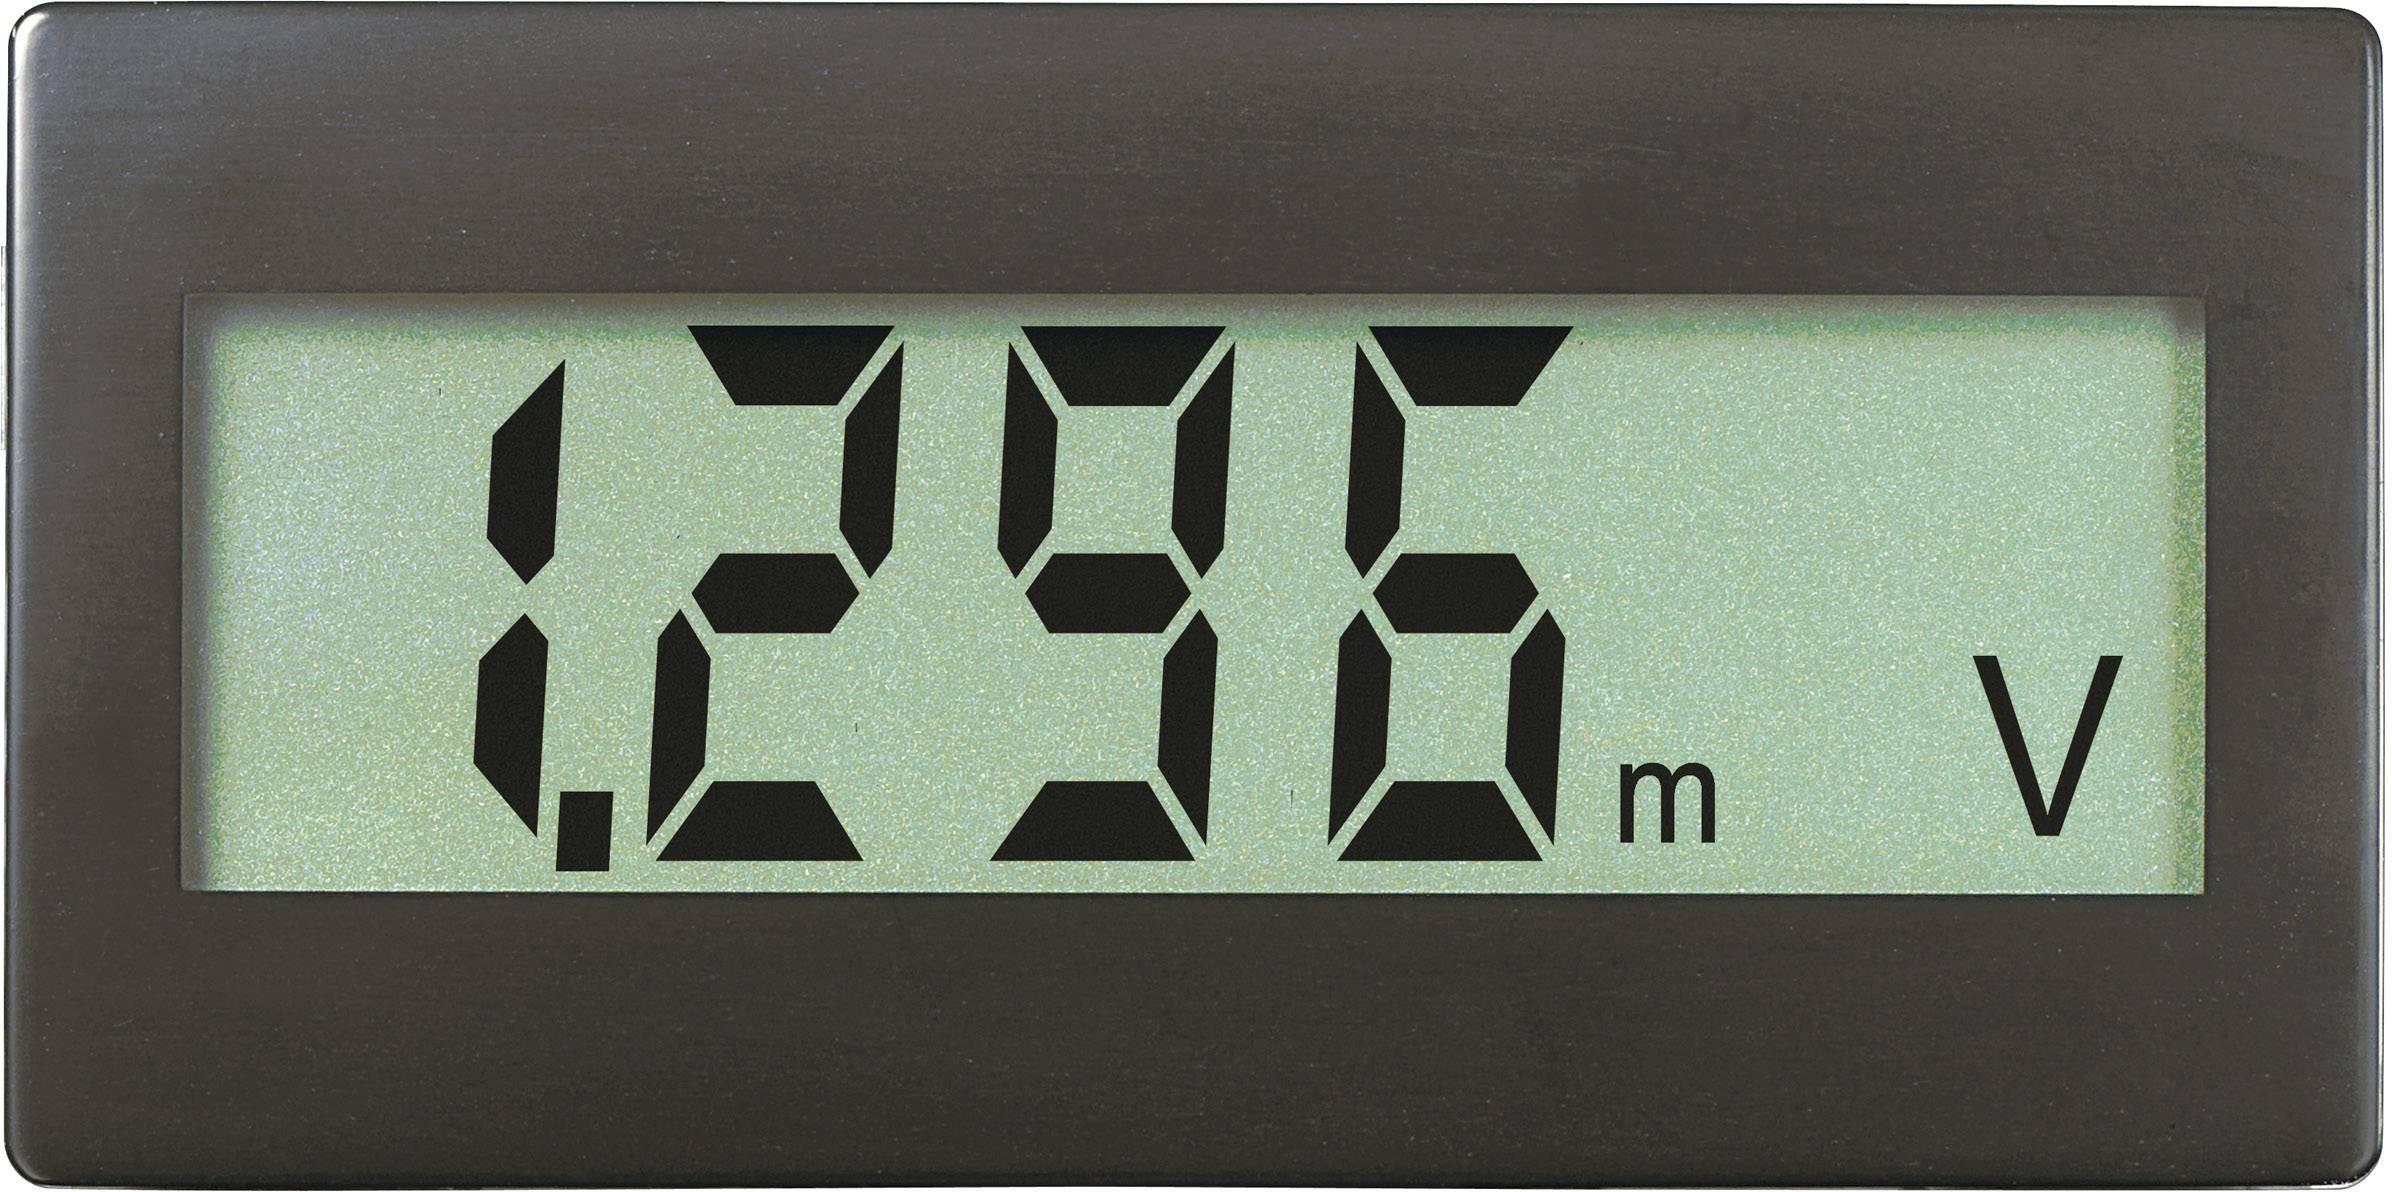 Panelové meradlo voltmetra Voltcraft DVM-330